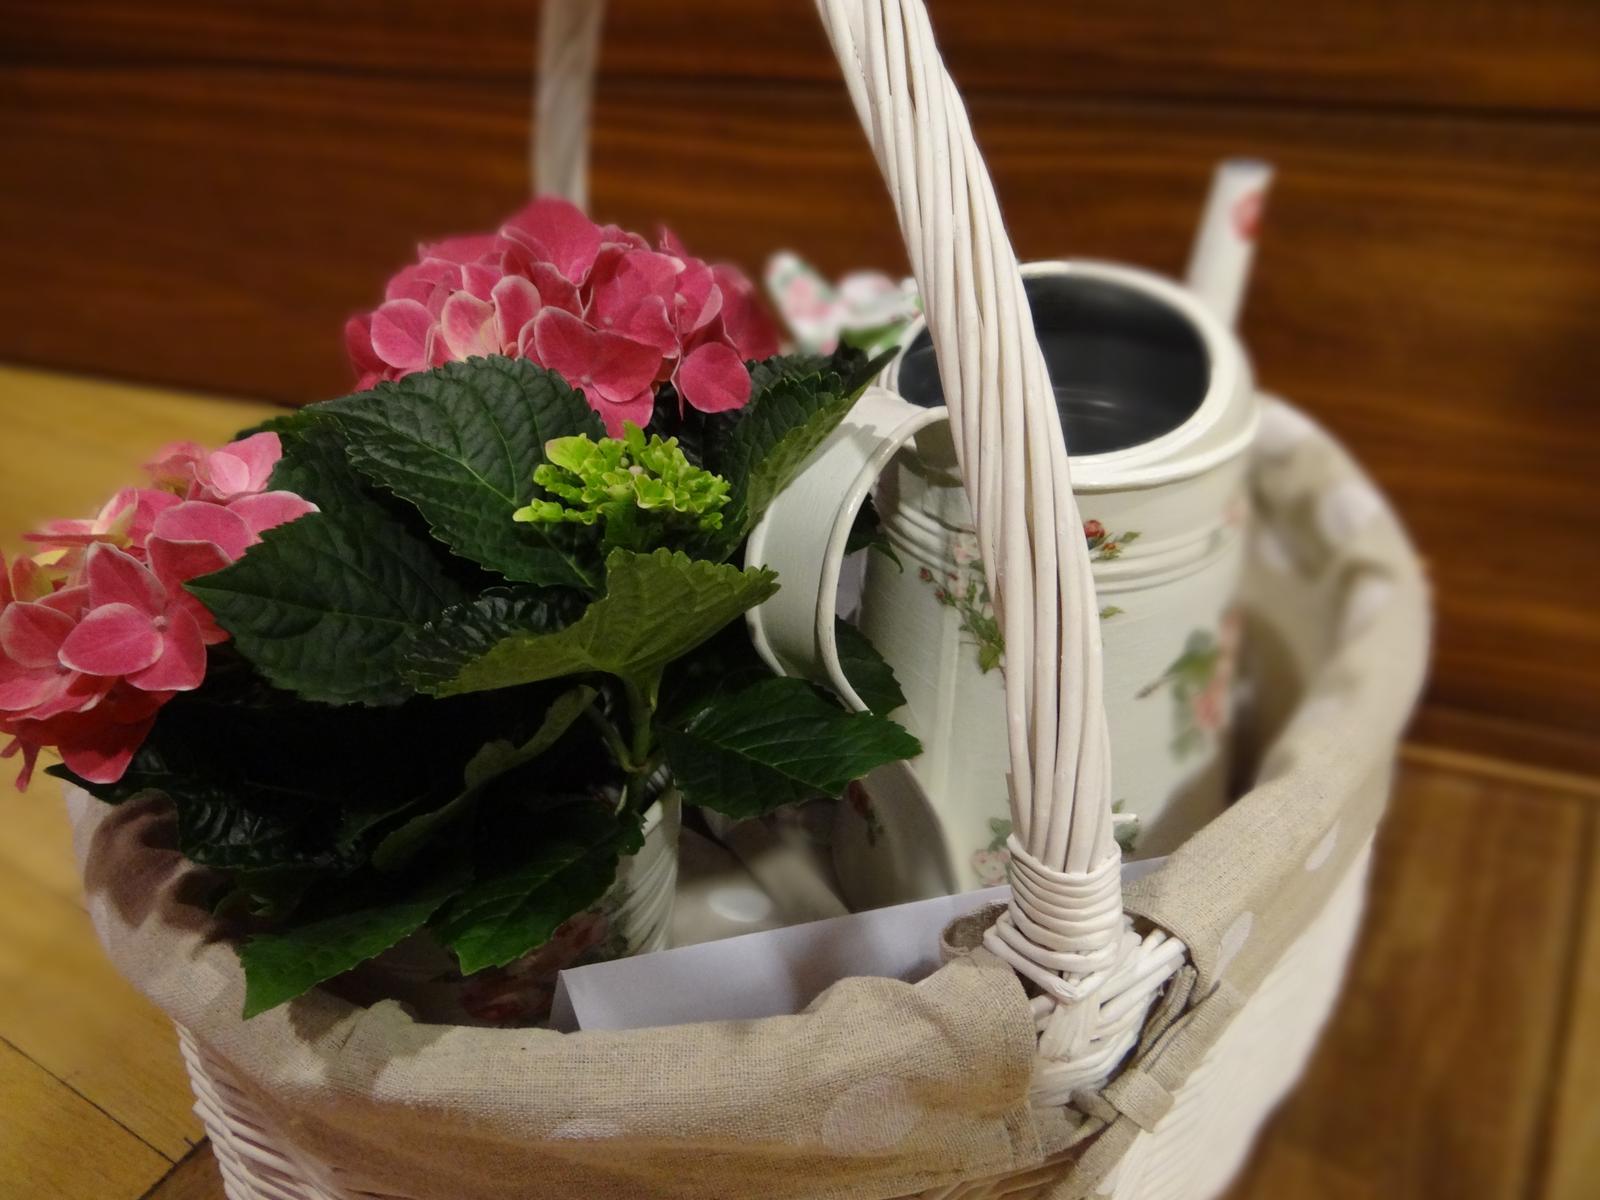 Moje výtvory - A tady už je košíček hotový- je v něm konvička, květináč s hortenzií, kovová lopatka, rukavice a zahradní zástěra (vše s růžičkama) a v neposlední řadě poukaz do zahradnictví :-)